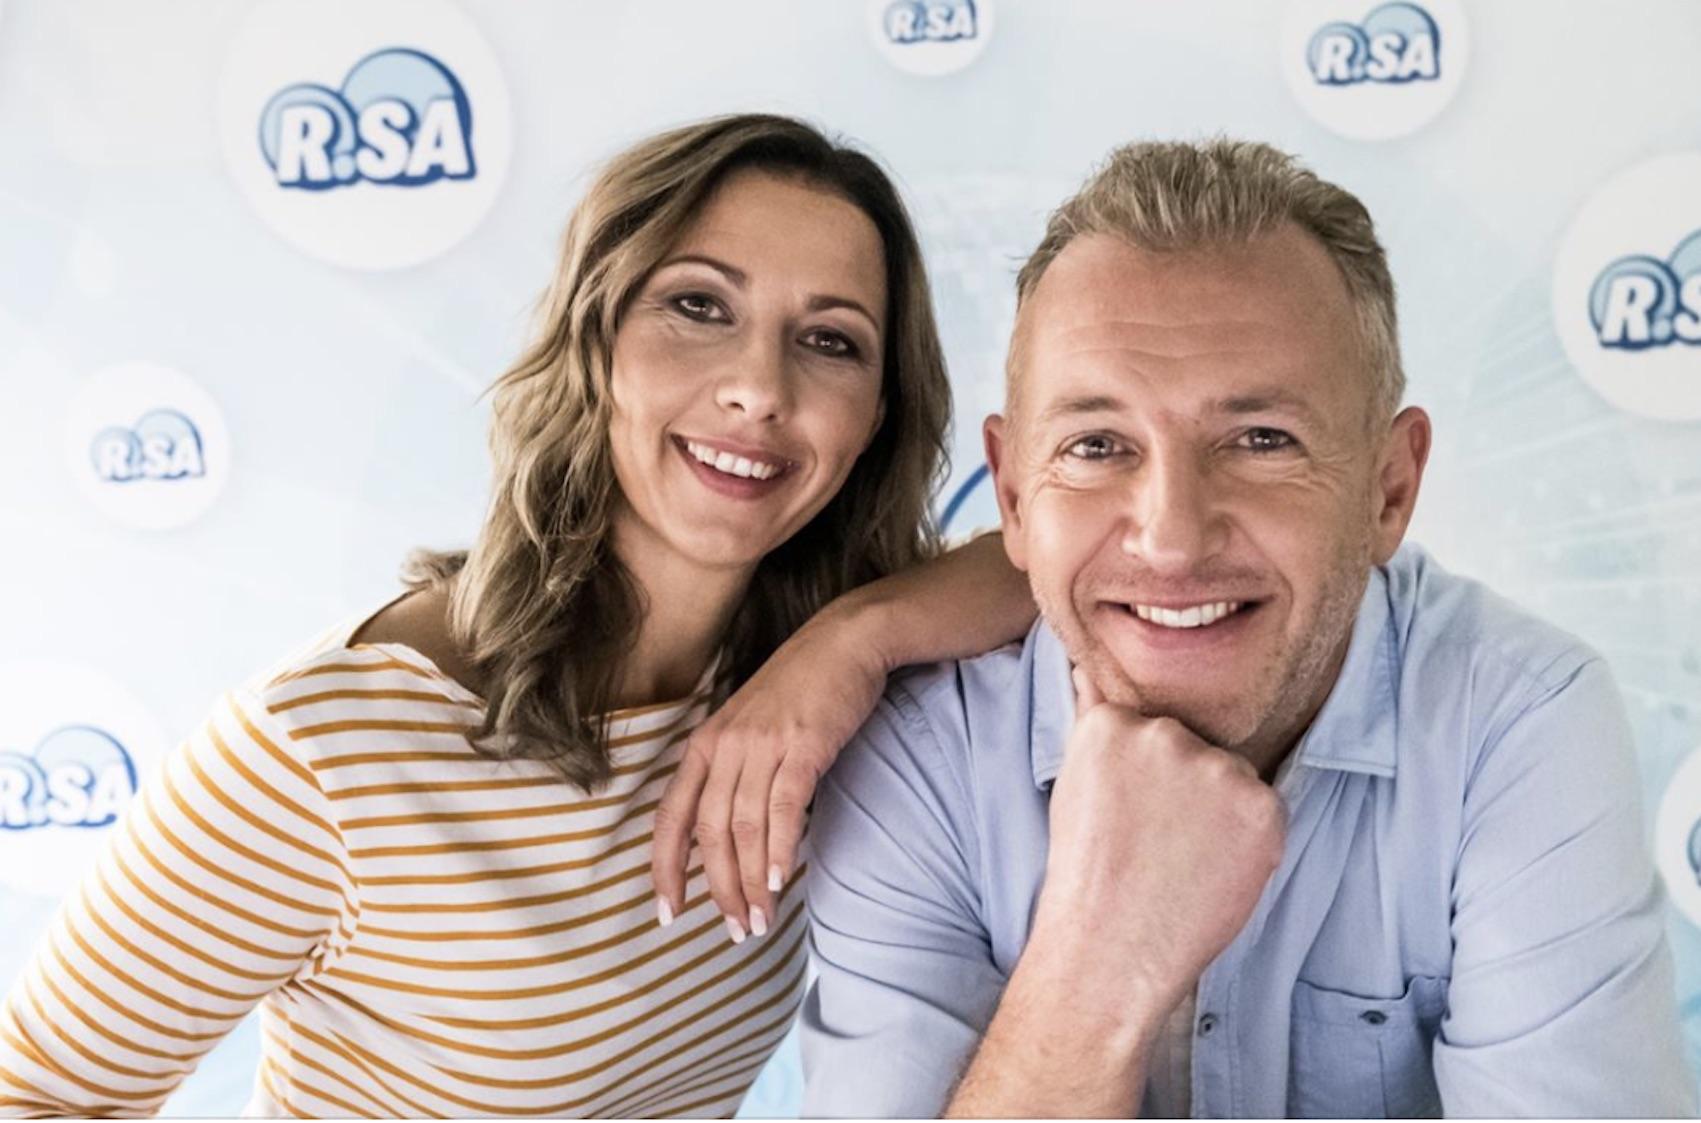 Katja Möckel und Uwe Fischer wechseln zu RTL (Foto: R.SA)